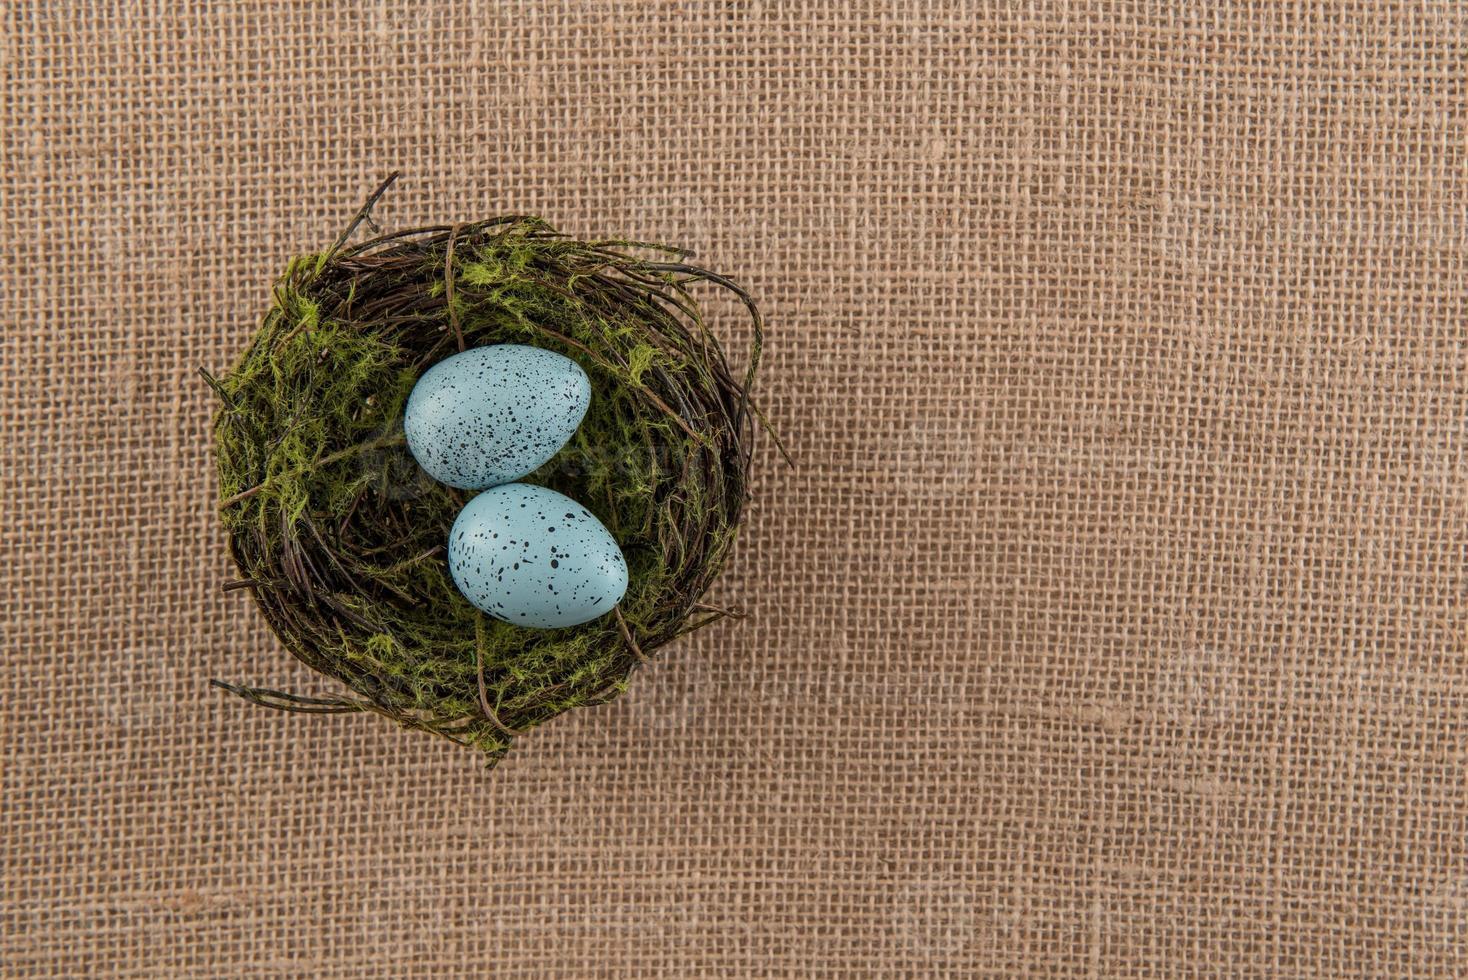 blau gesprenkelte Eier im Nest foto